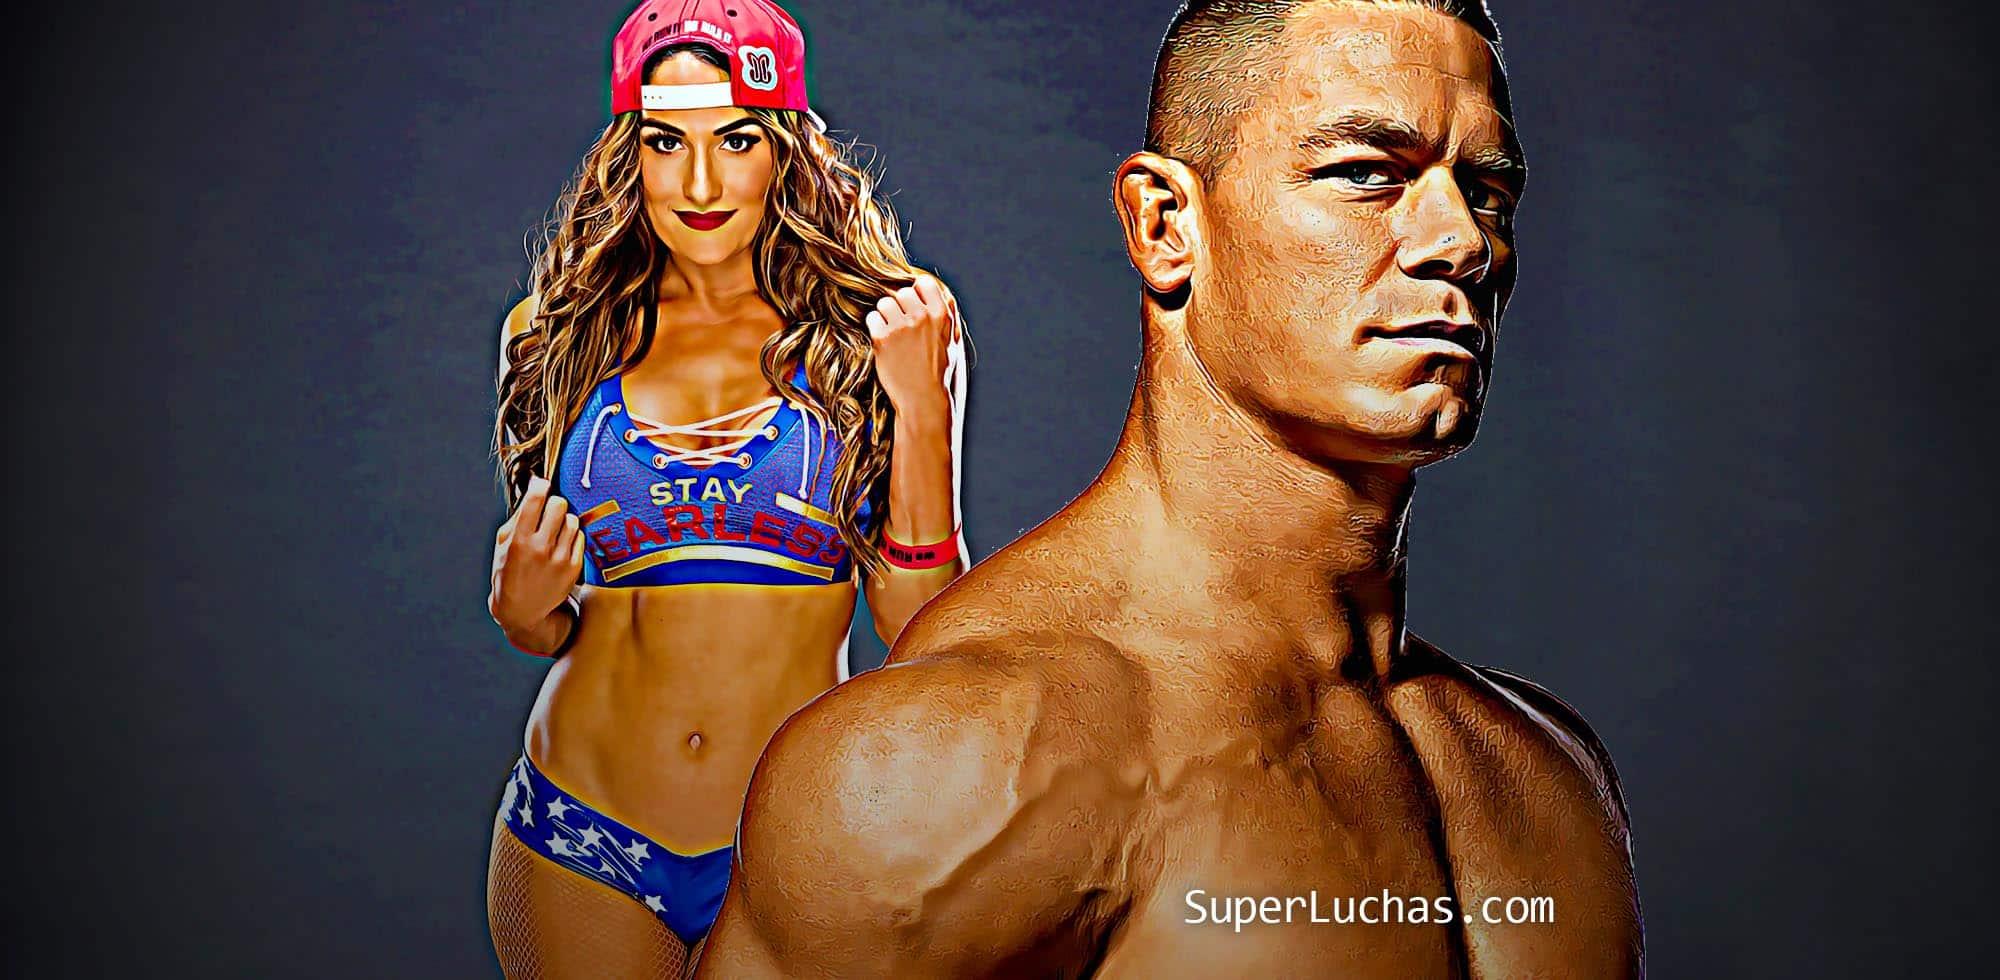 Nikki Bella vs. John Cena